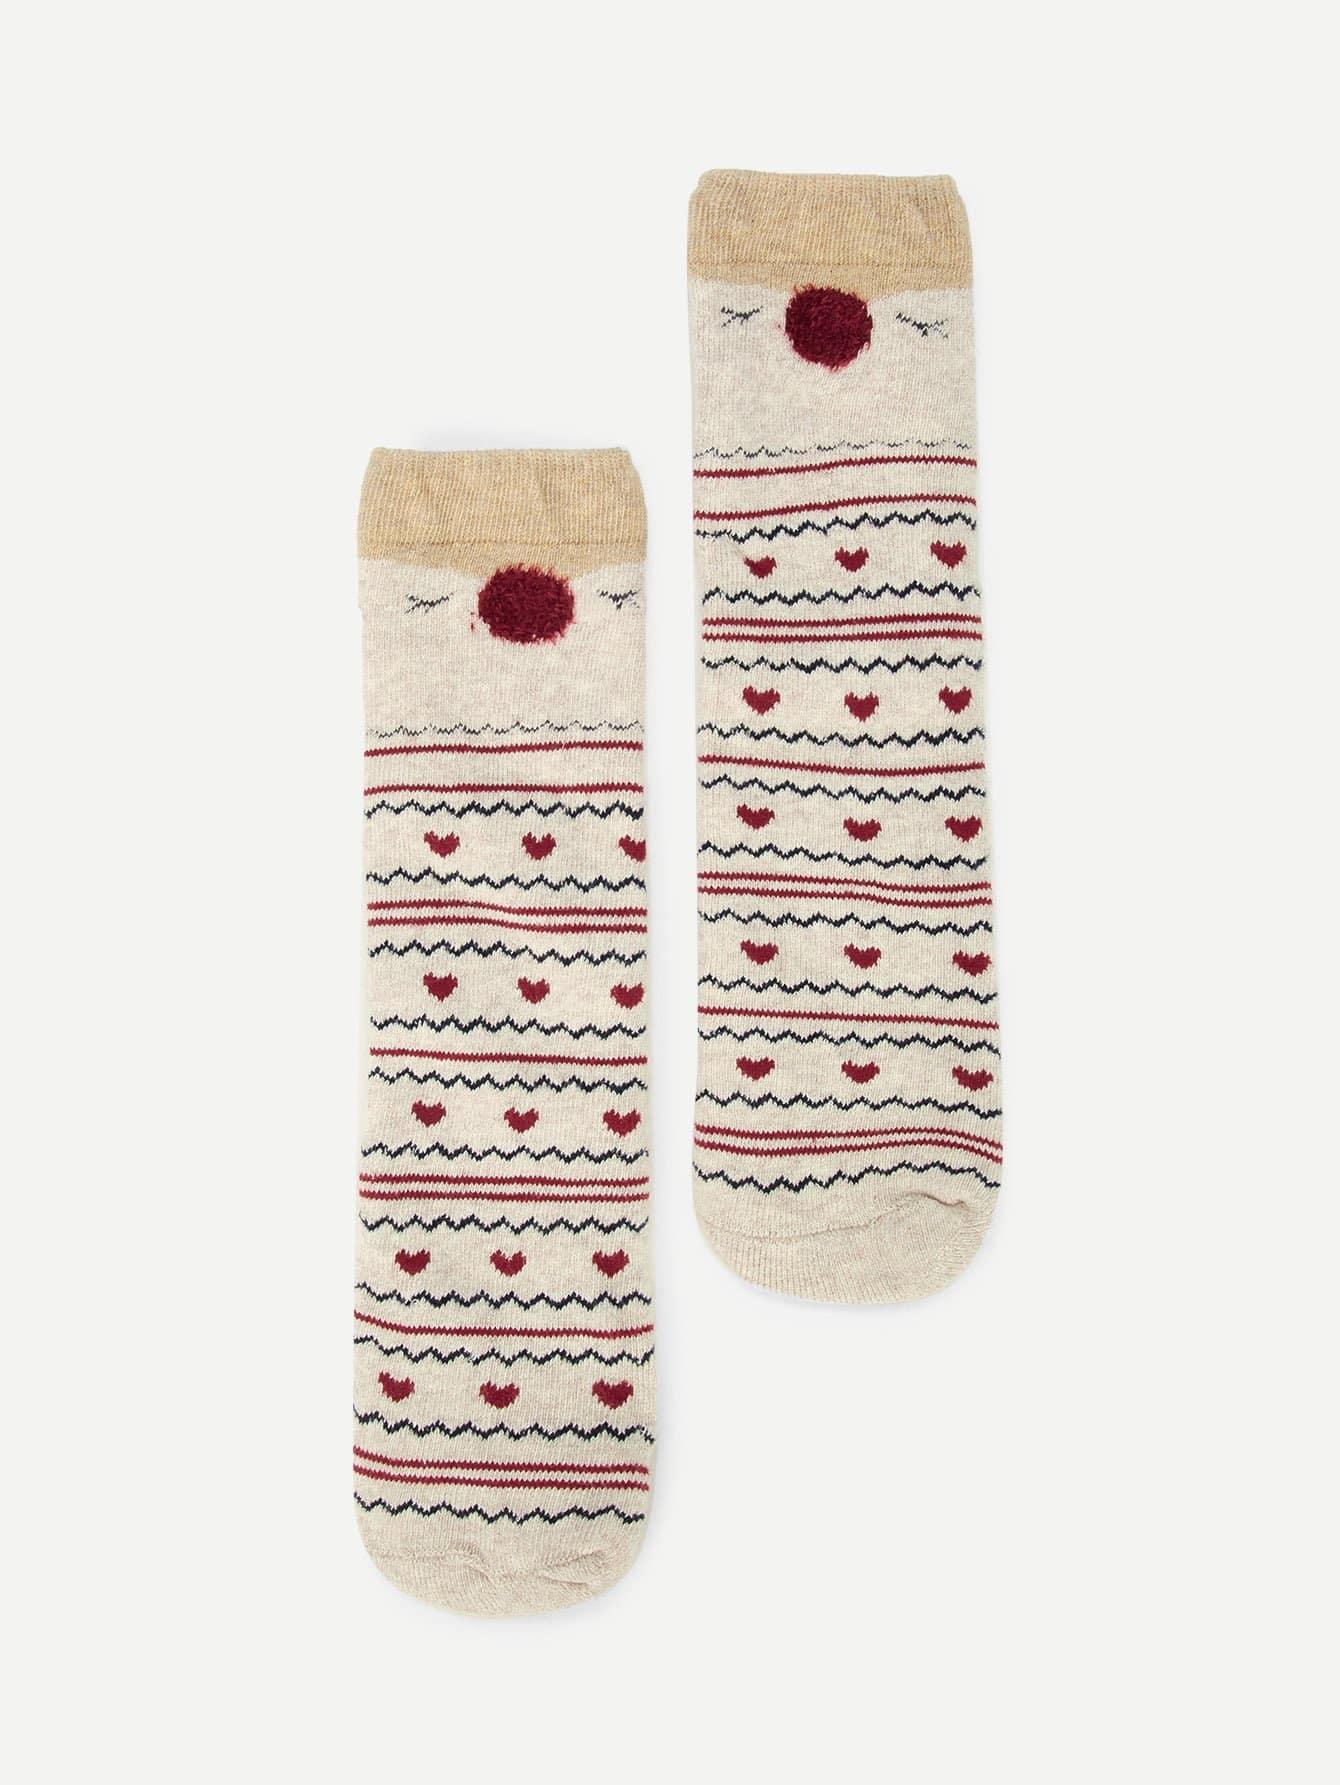 Купить Романтичный стиль Мультяшный принт Многоцветный Детские носки и колготки, null, SheIn